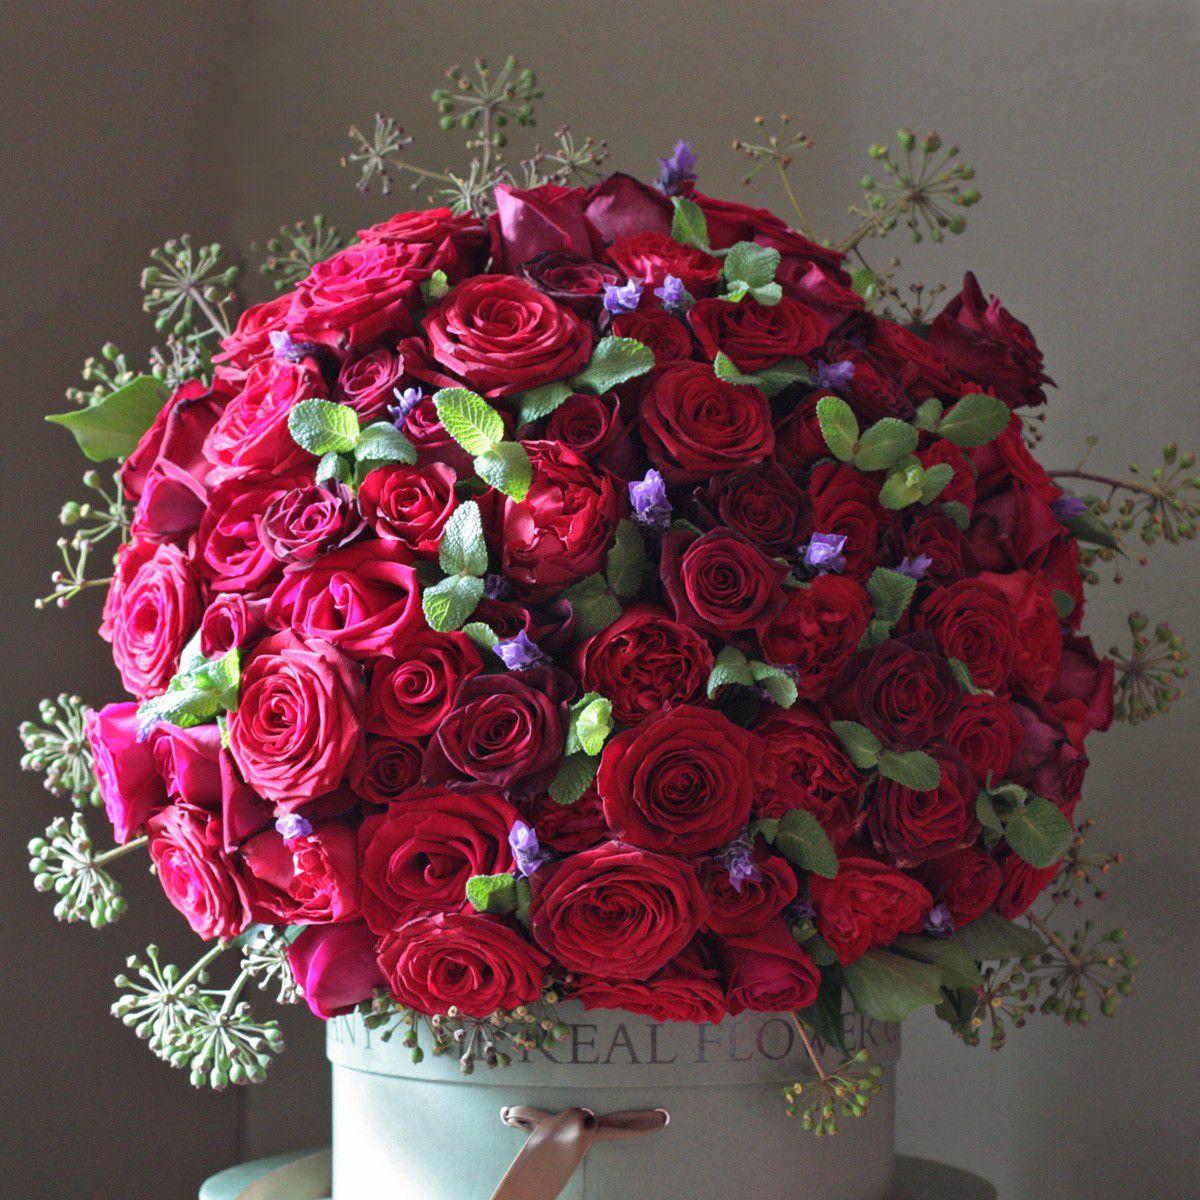 بالصور صور ورود جميلة , اجمل مناظر الورود 66 2